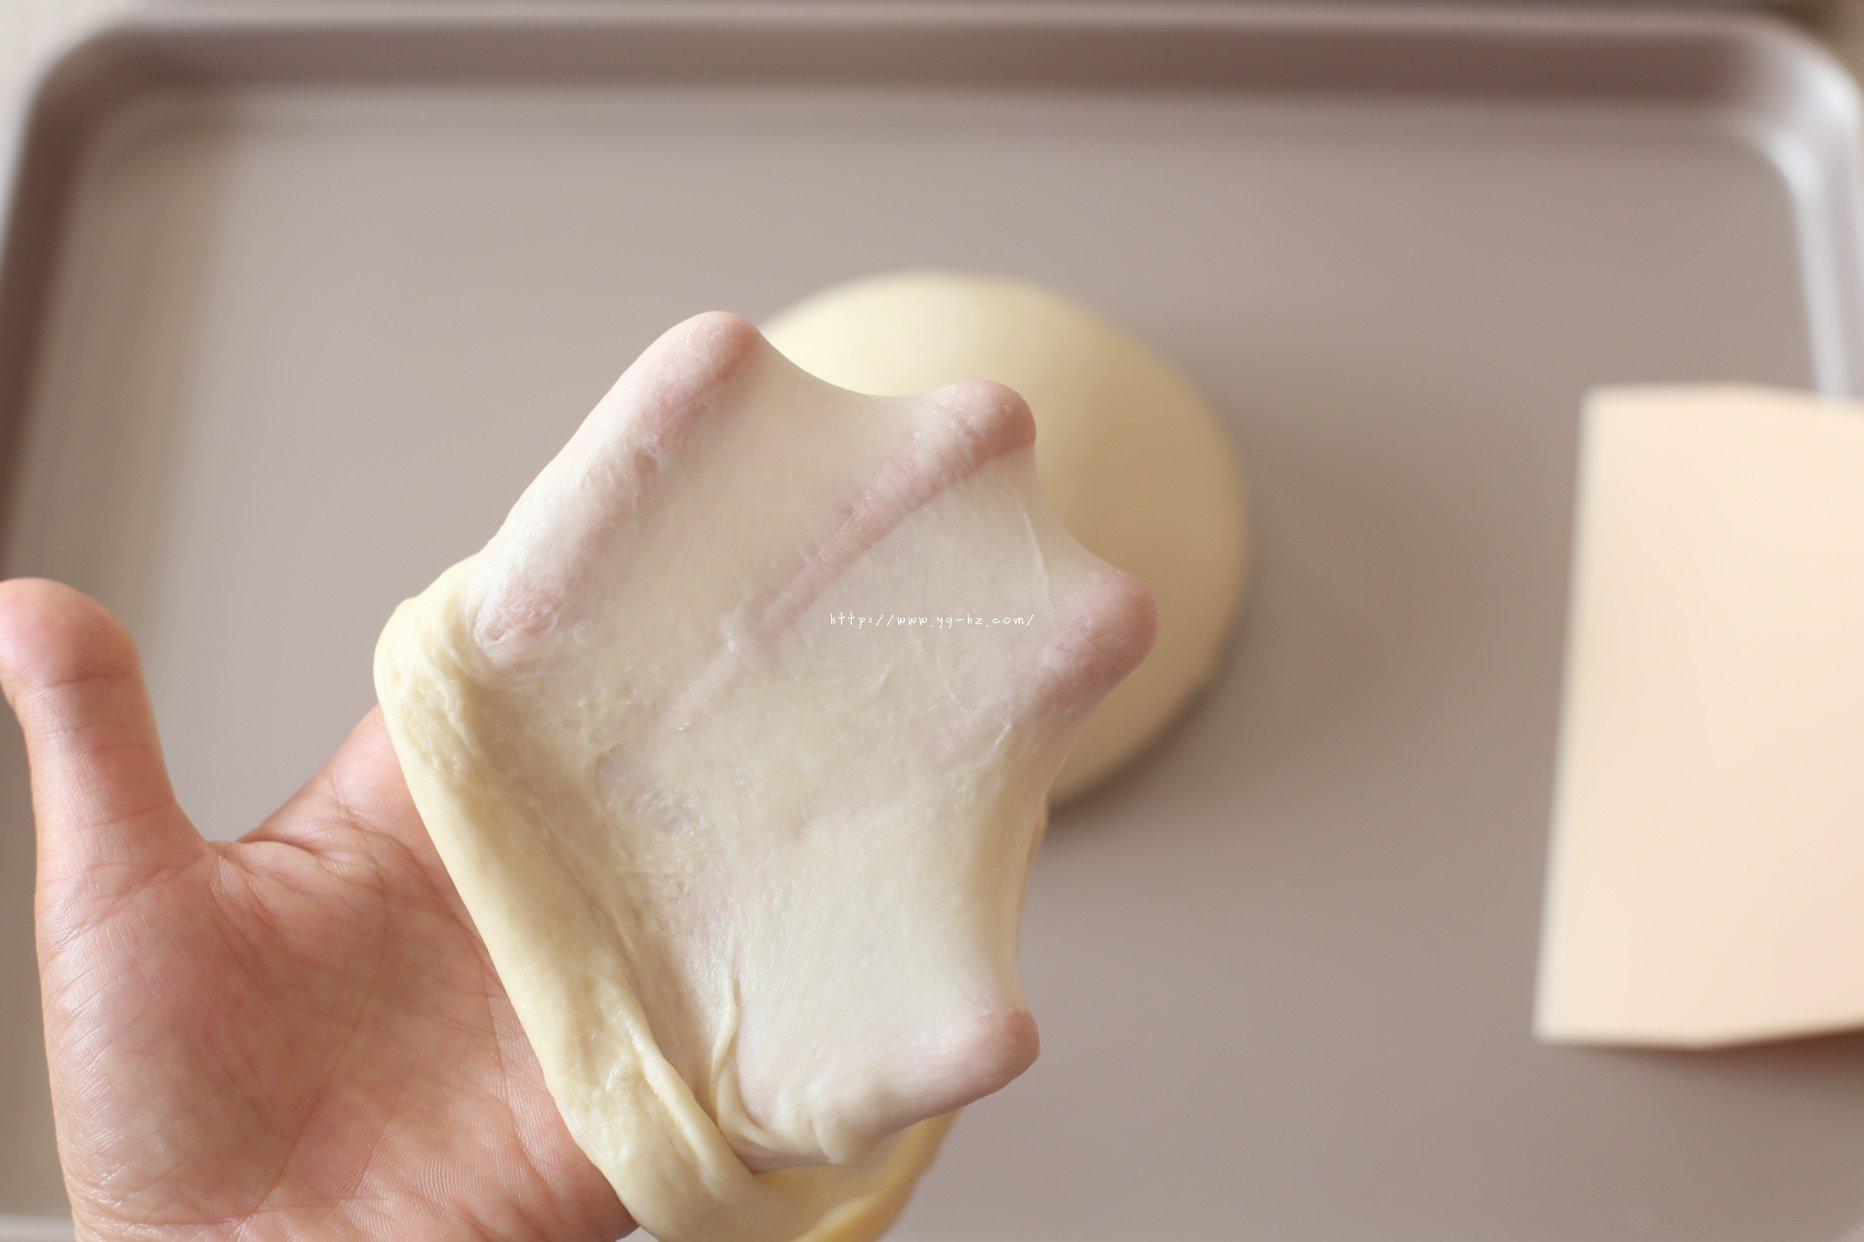 无敌好吃的蛋黄肉松吐司的做法 步骤2